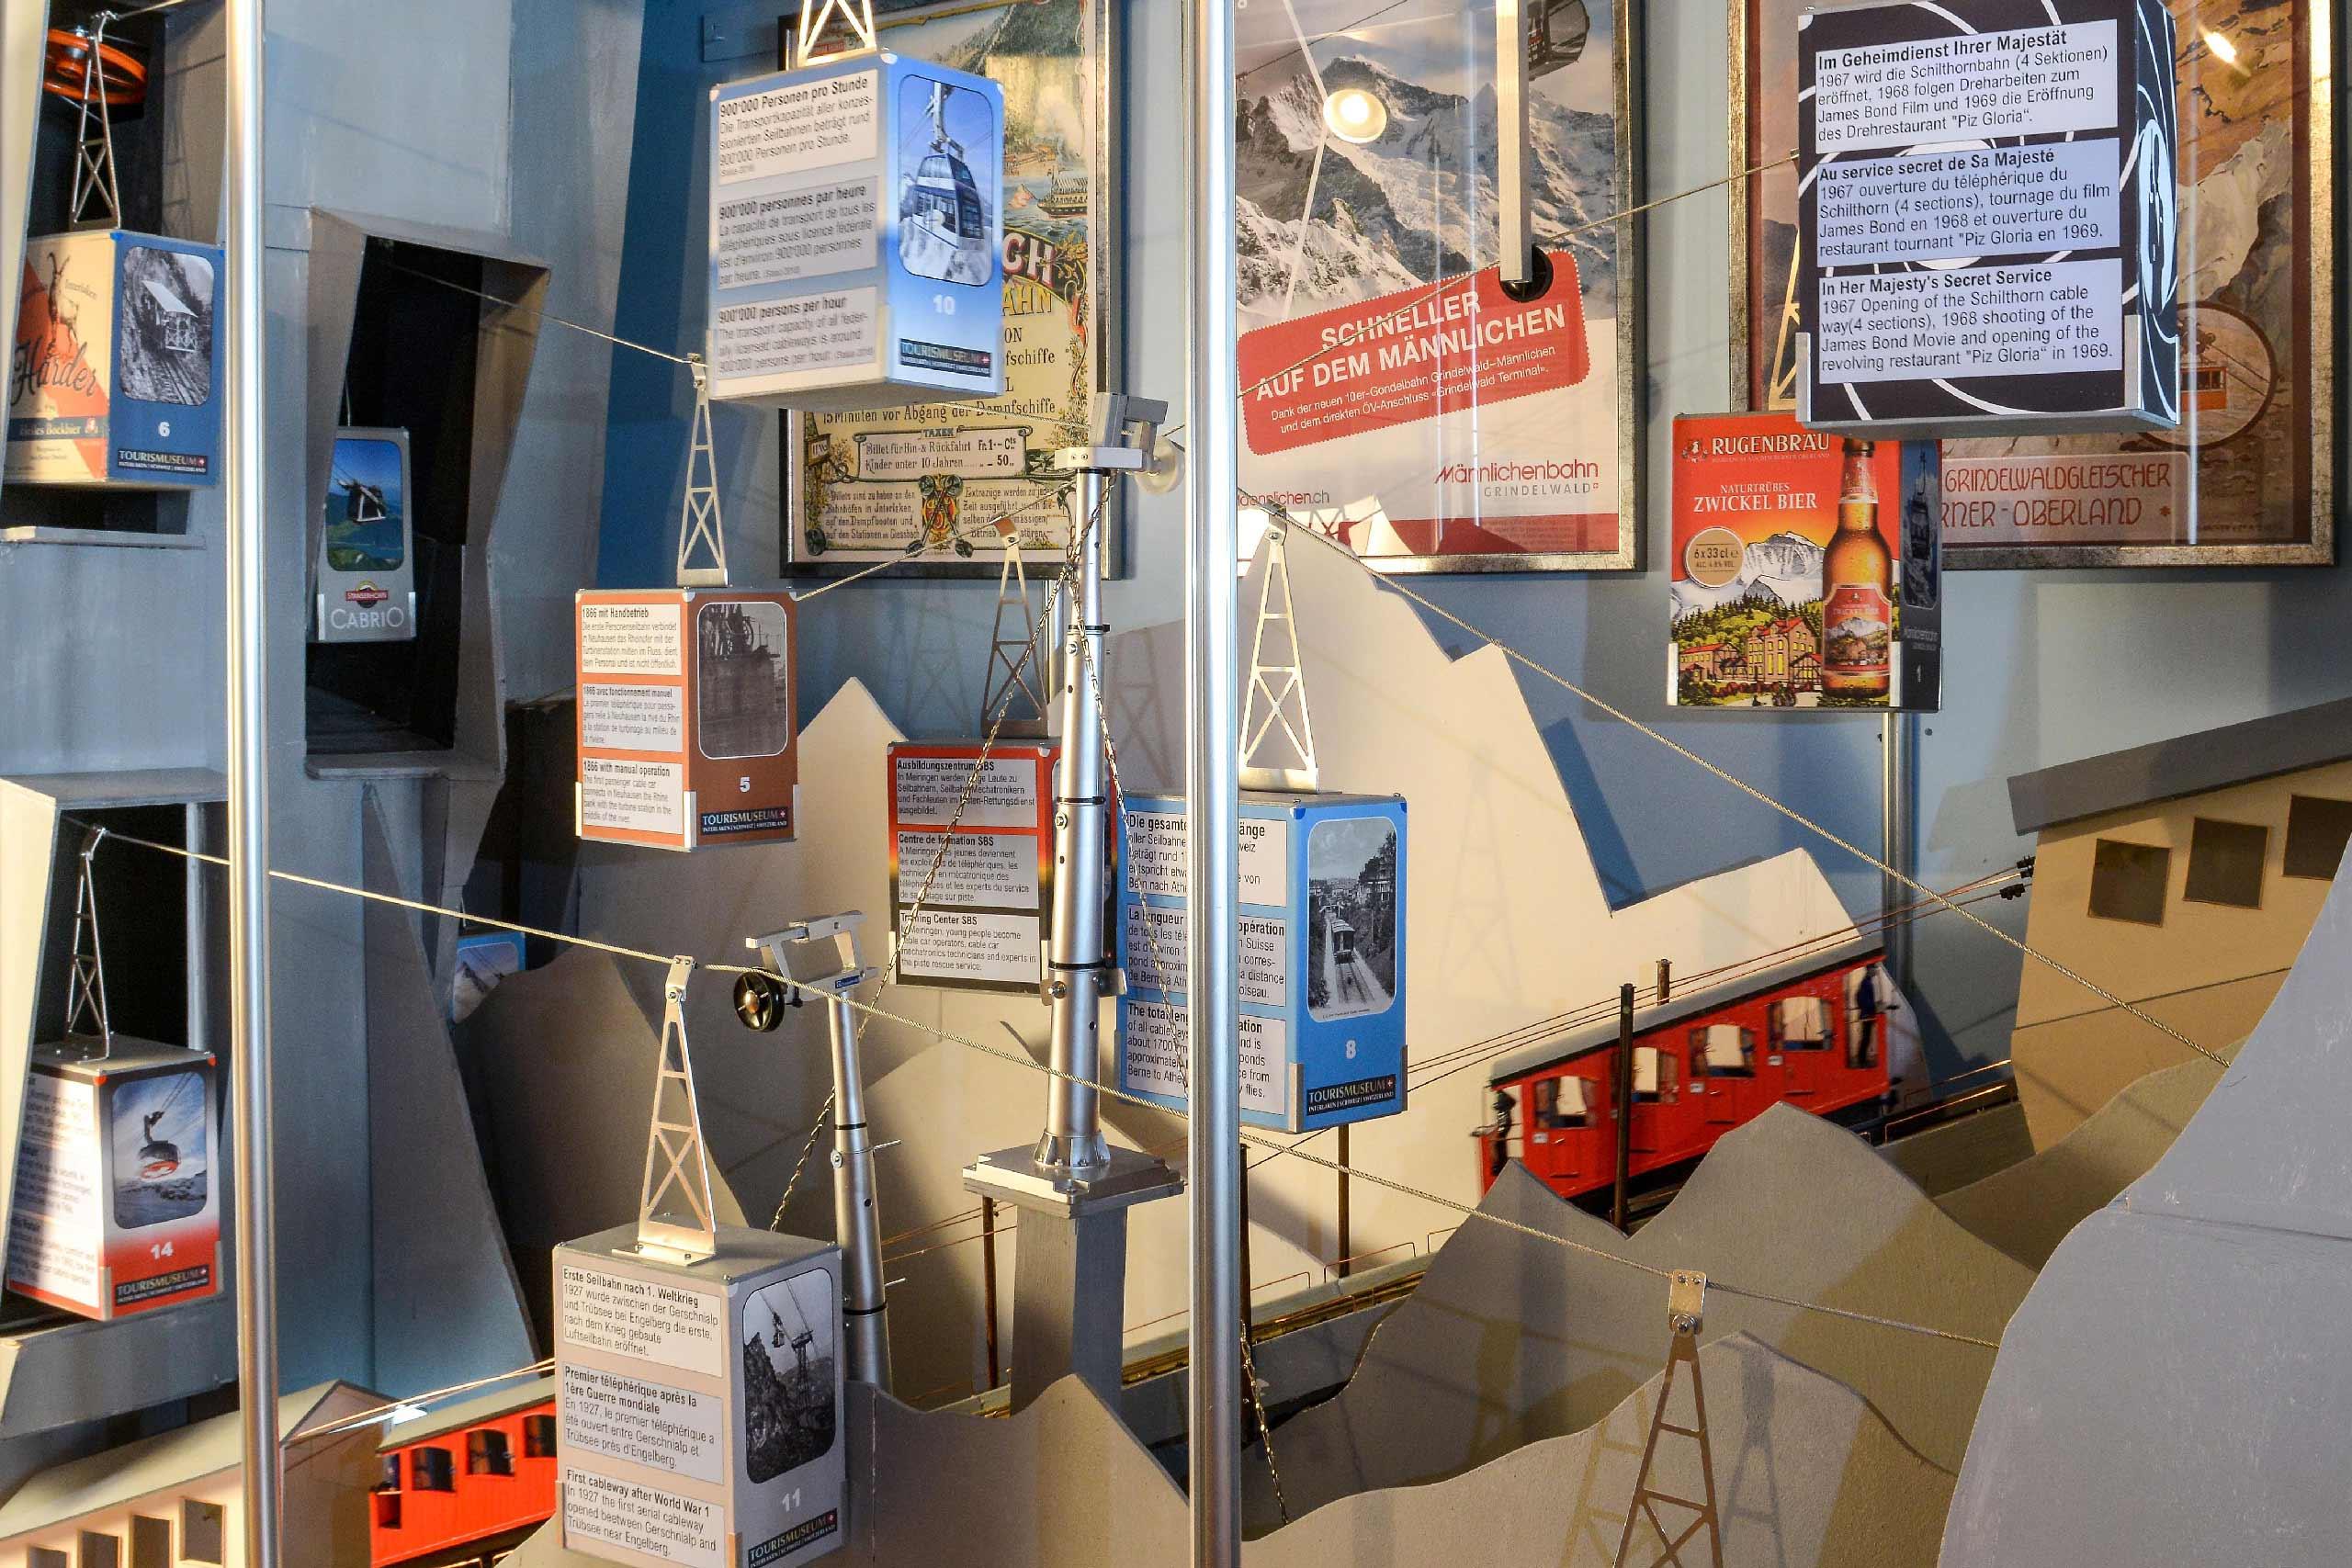 tourismuseum-seilbahn-modell-vitrine.jpg